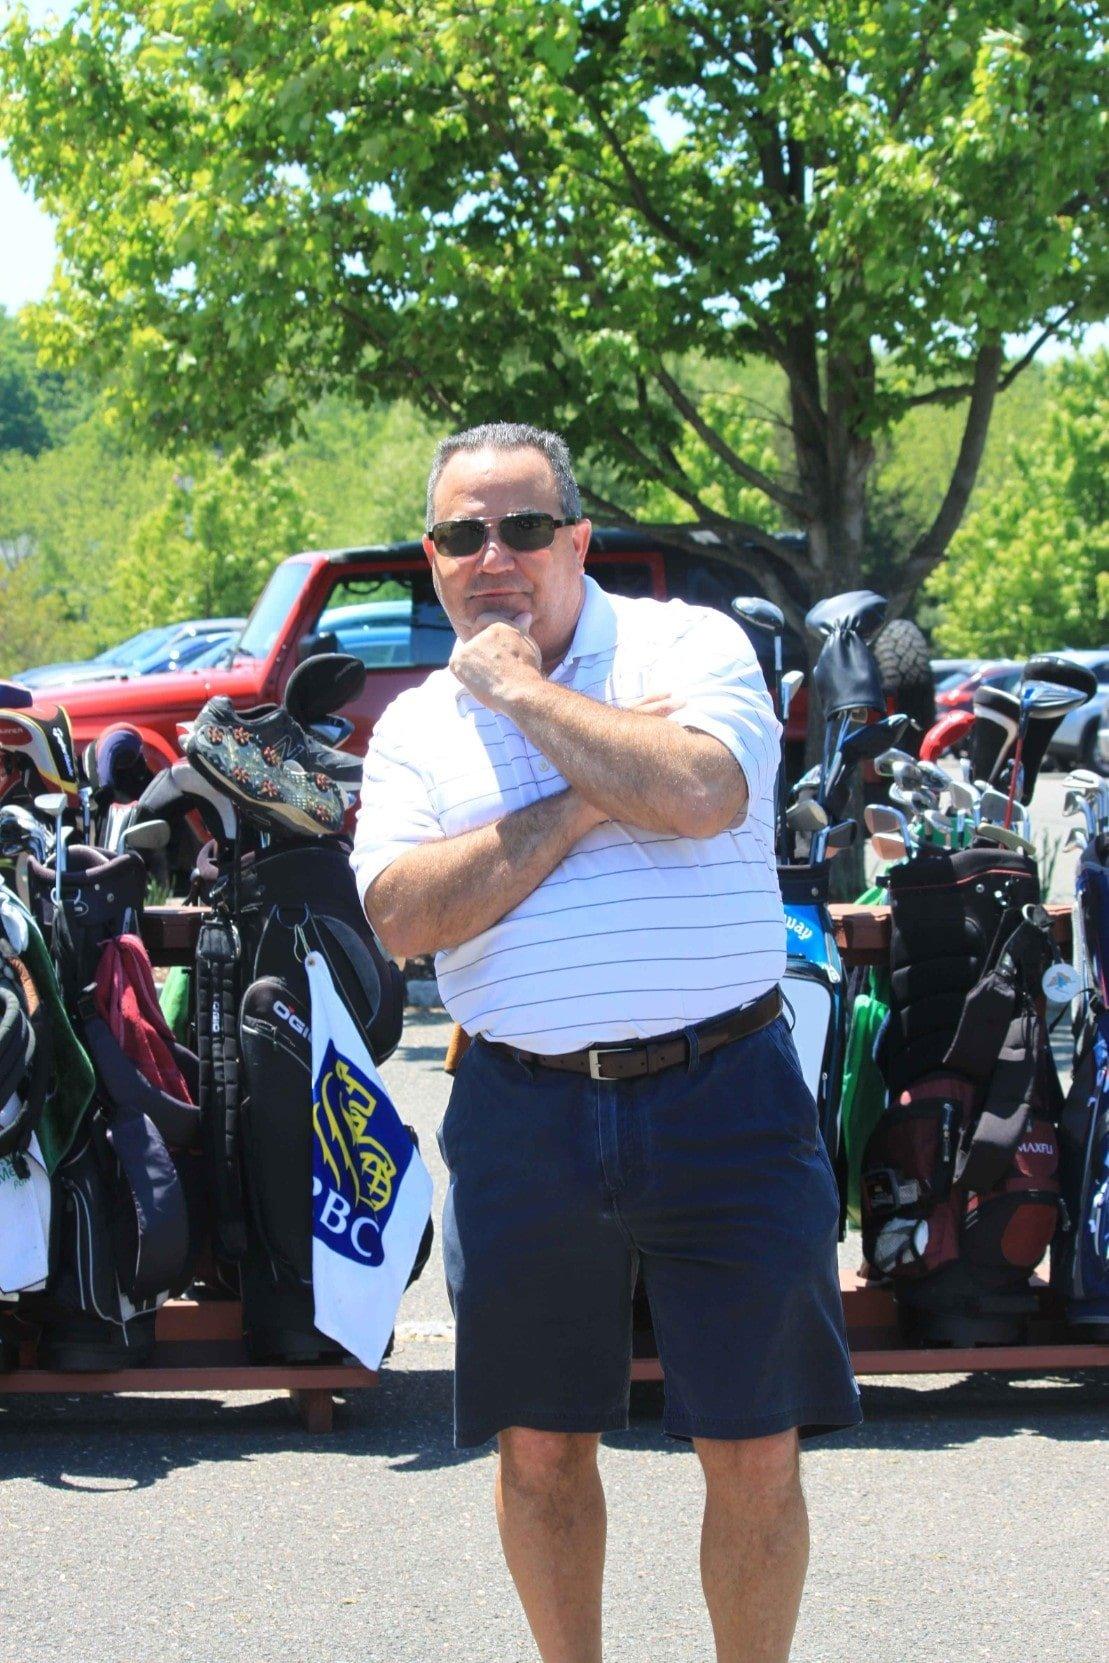 Golfer Posing